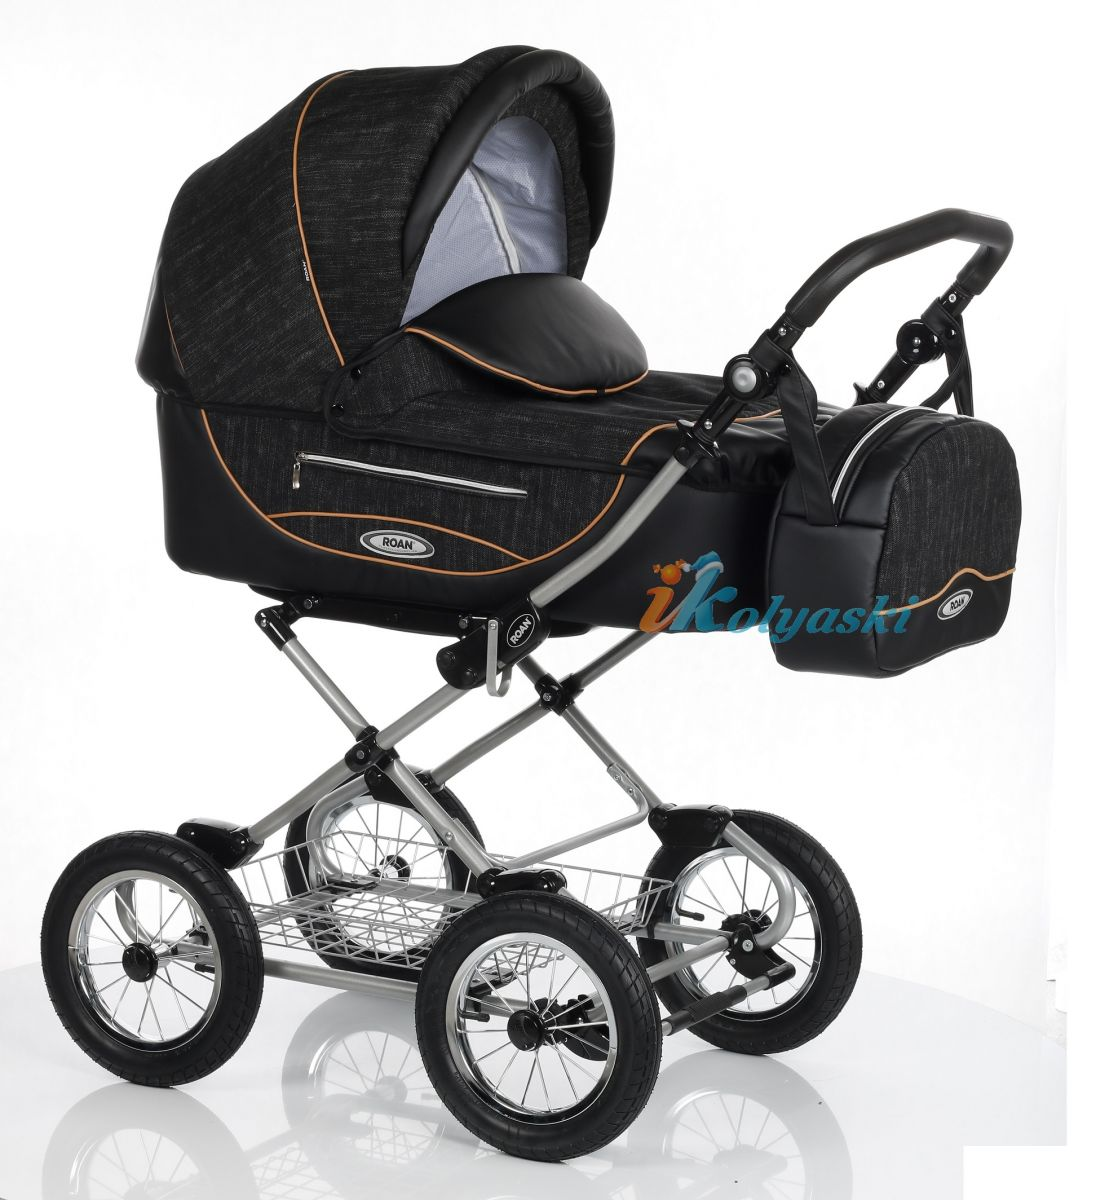 Детская коляска Roan Kortina Luxe Роан Кортина люкс 2018 спальная люлька 3 в 1 , коляска для новорожденных, коляска зима-лето.  roan kortina, roan cortina, Детская коляска Roan Kortina Luxe, коляска Роан Кортина люкс 2018, коляска спальная, коляска  люлька, коляска 3 в 1, коляска для новорожденных, роан кортина, коляска роан кортина, коляска roan cortina, цвет Orbit Black